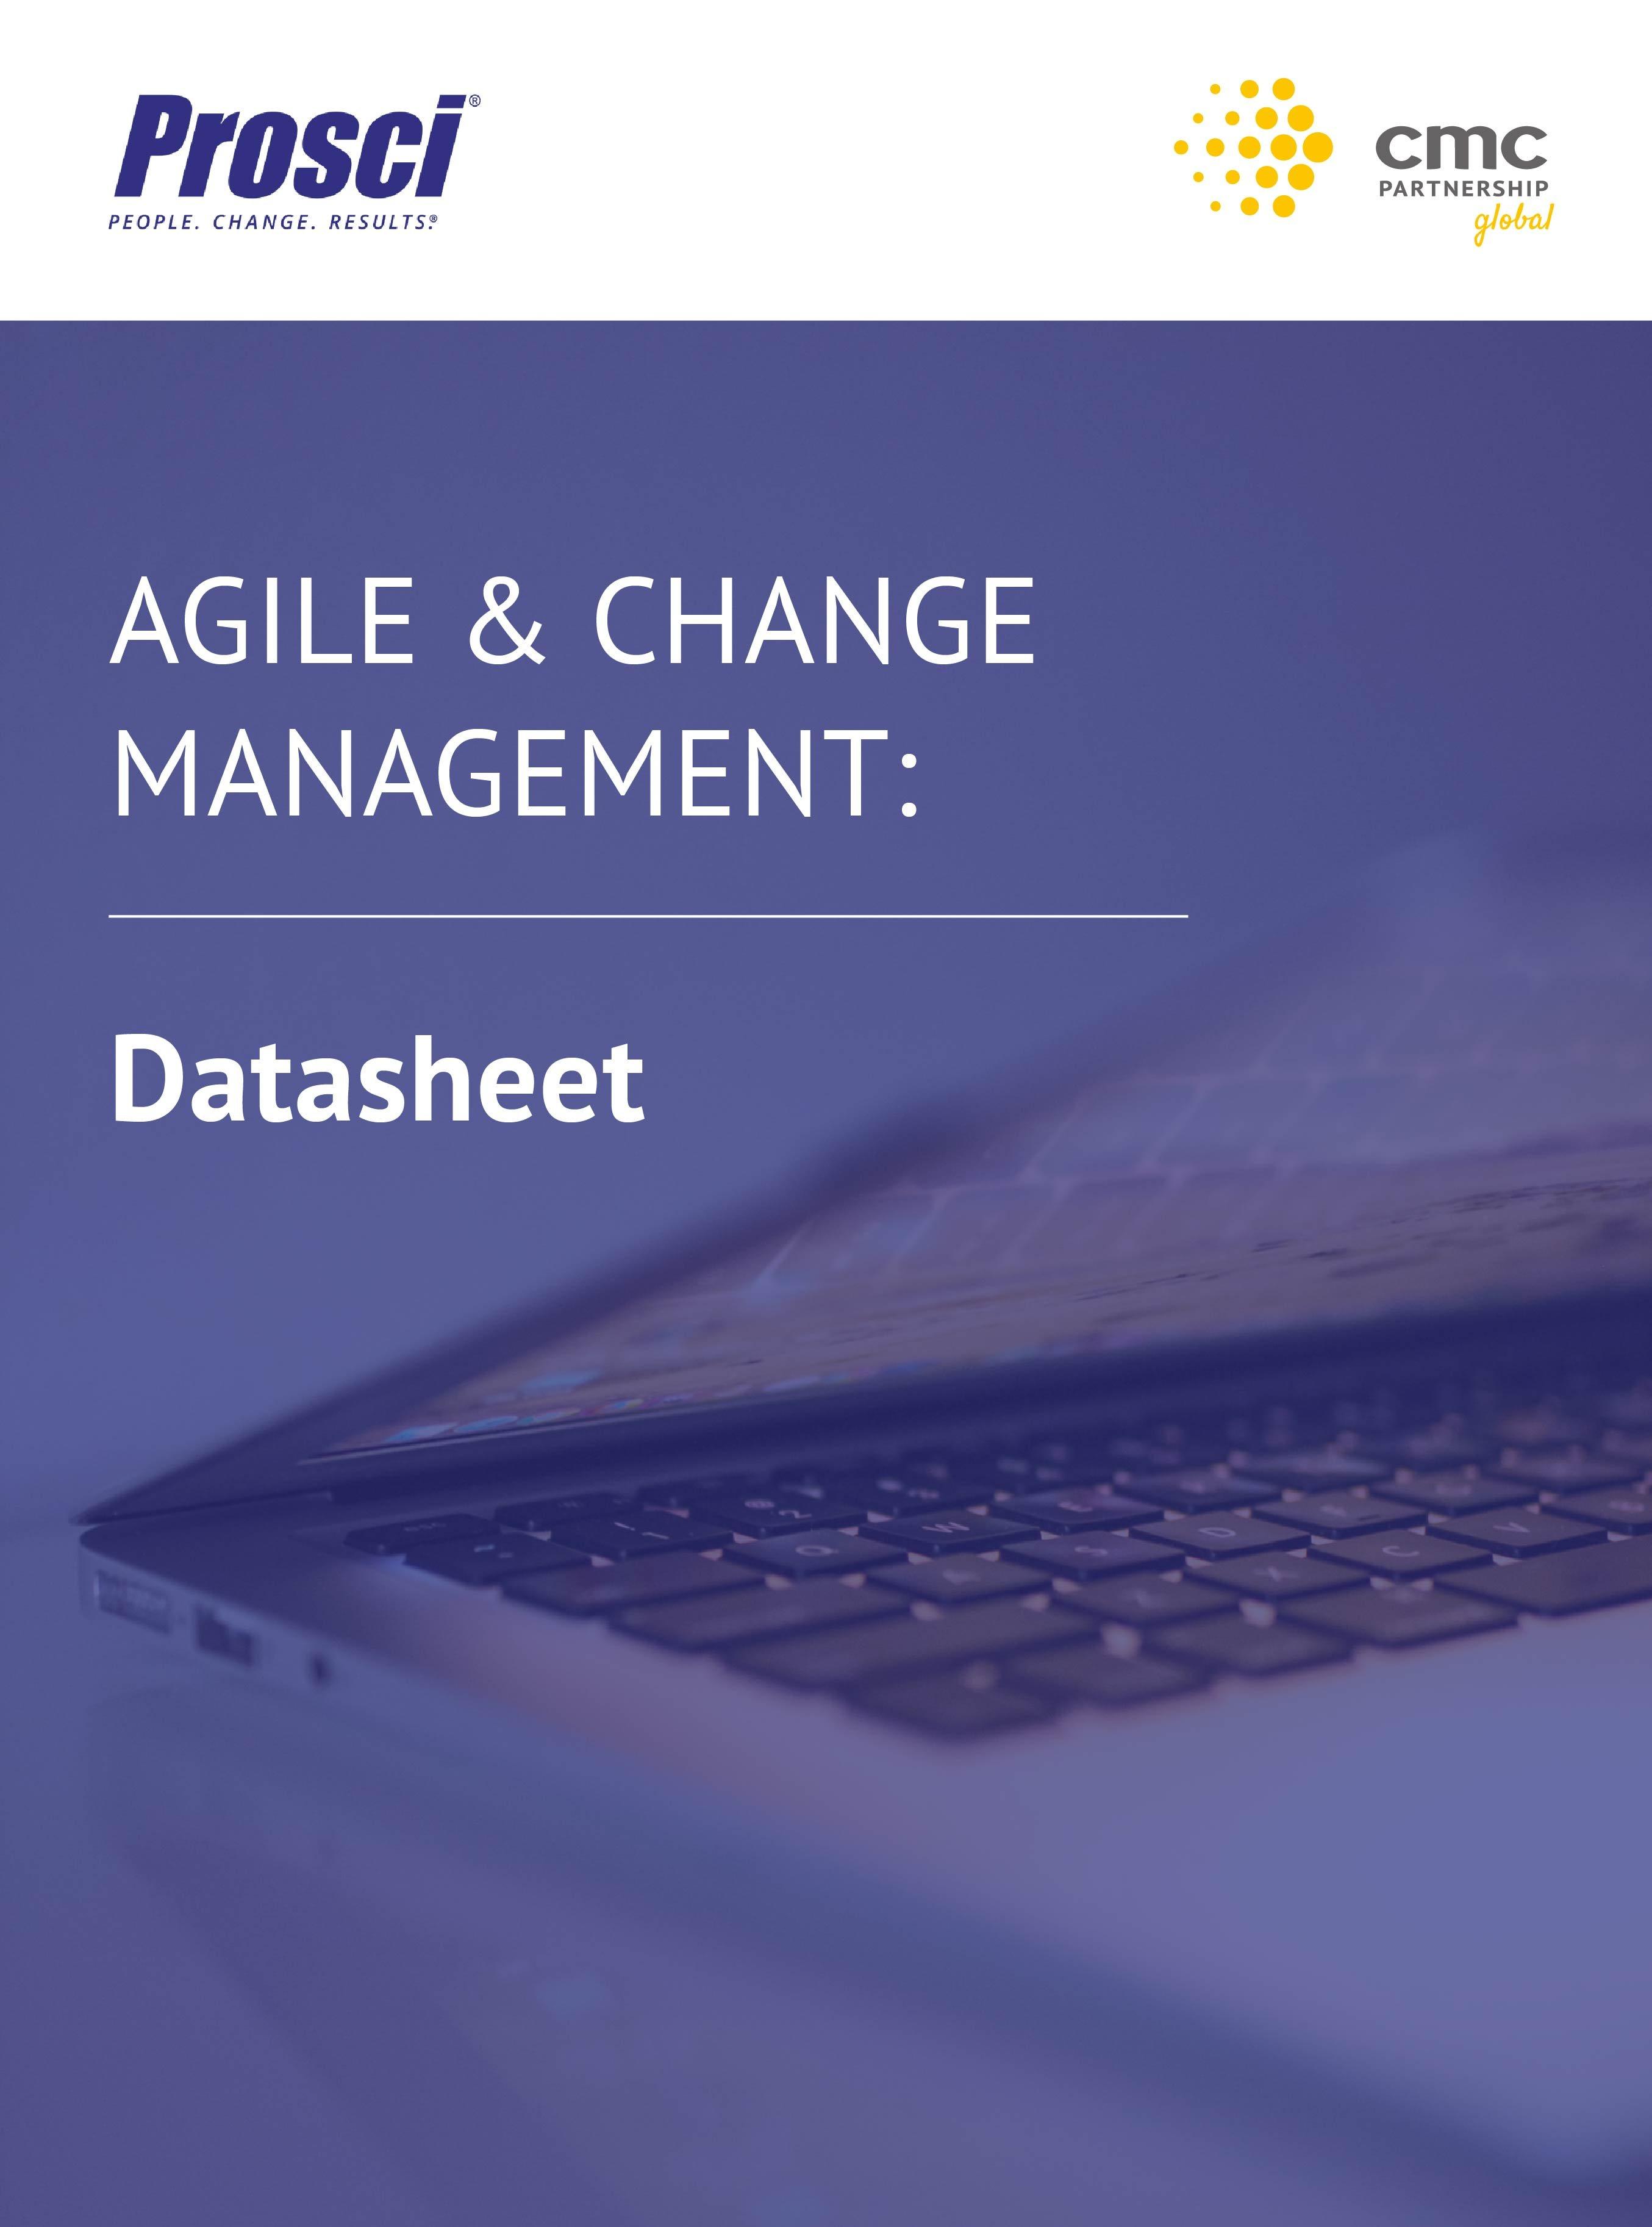 Agile & Change 1